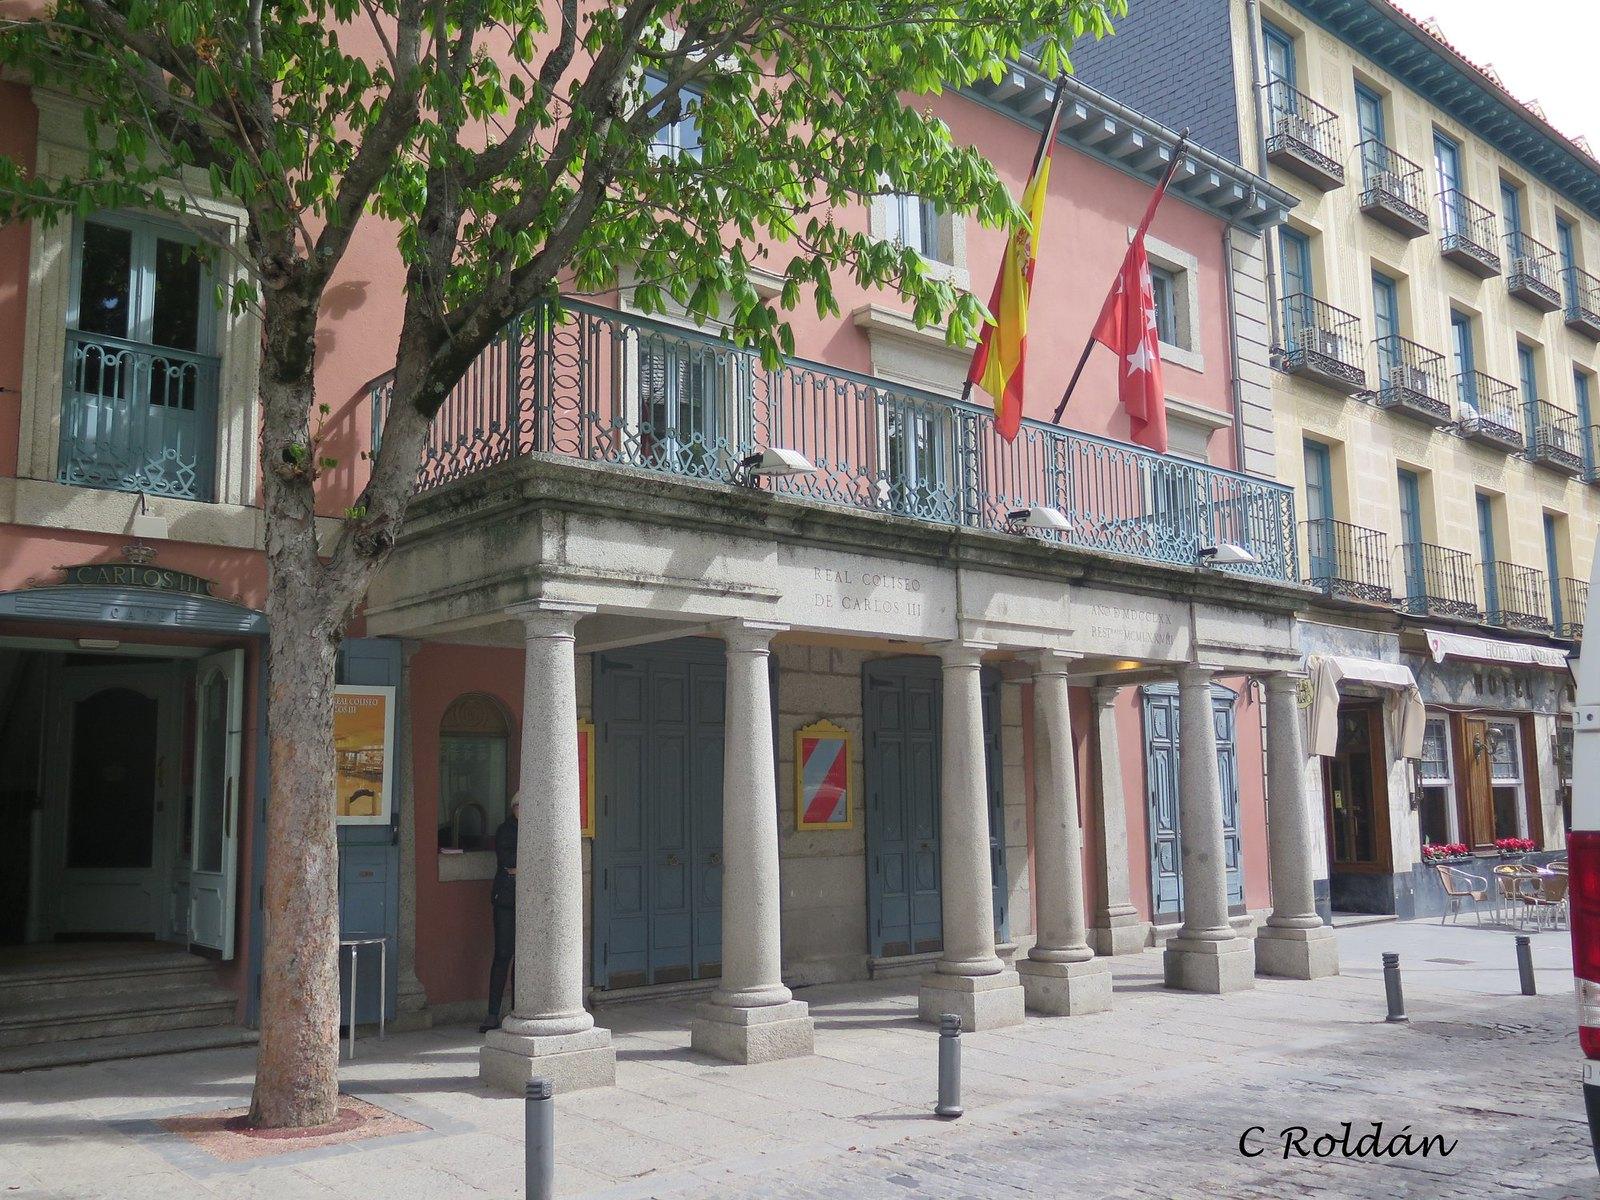 Teatro Real de Carlos III.